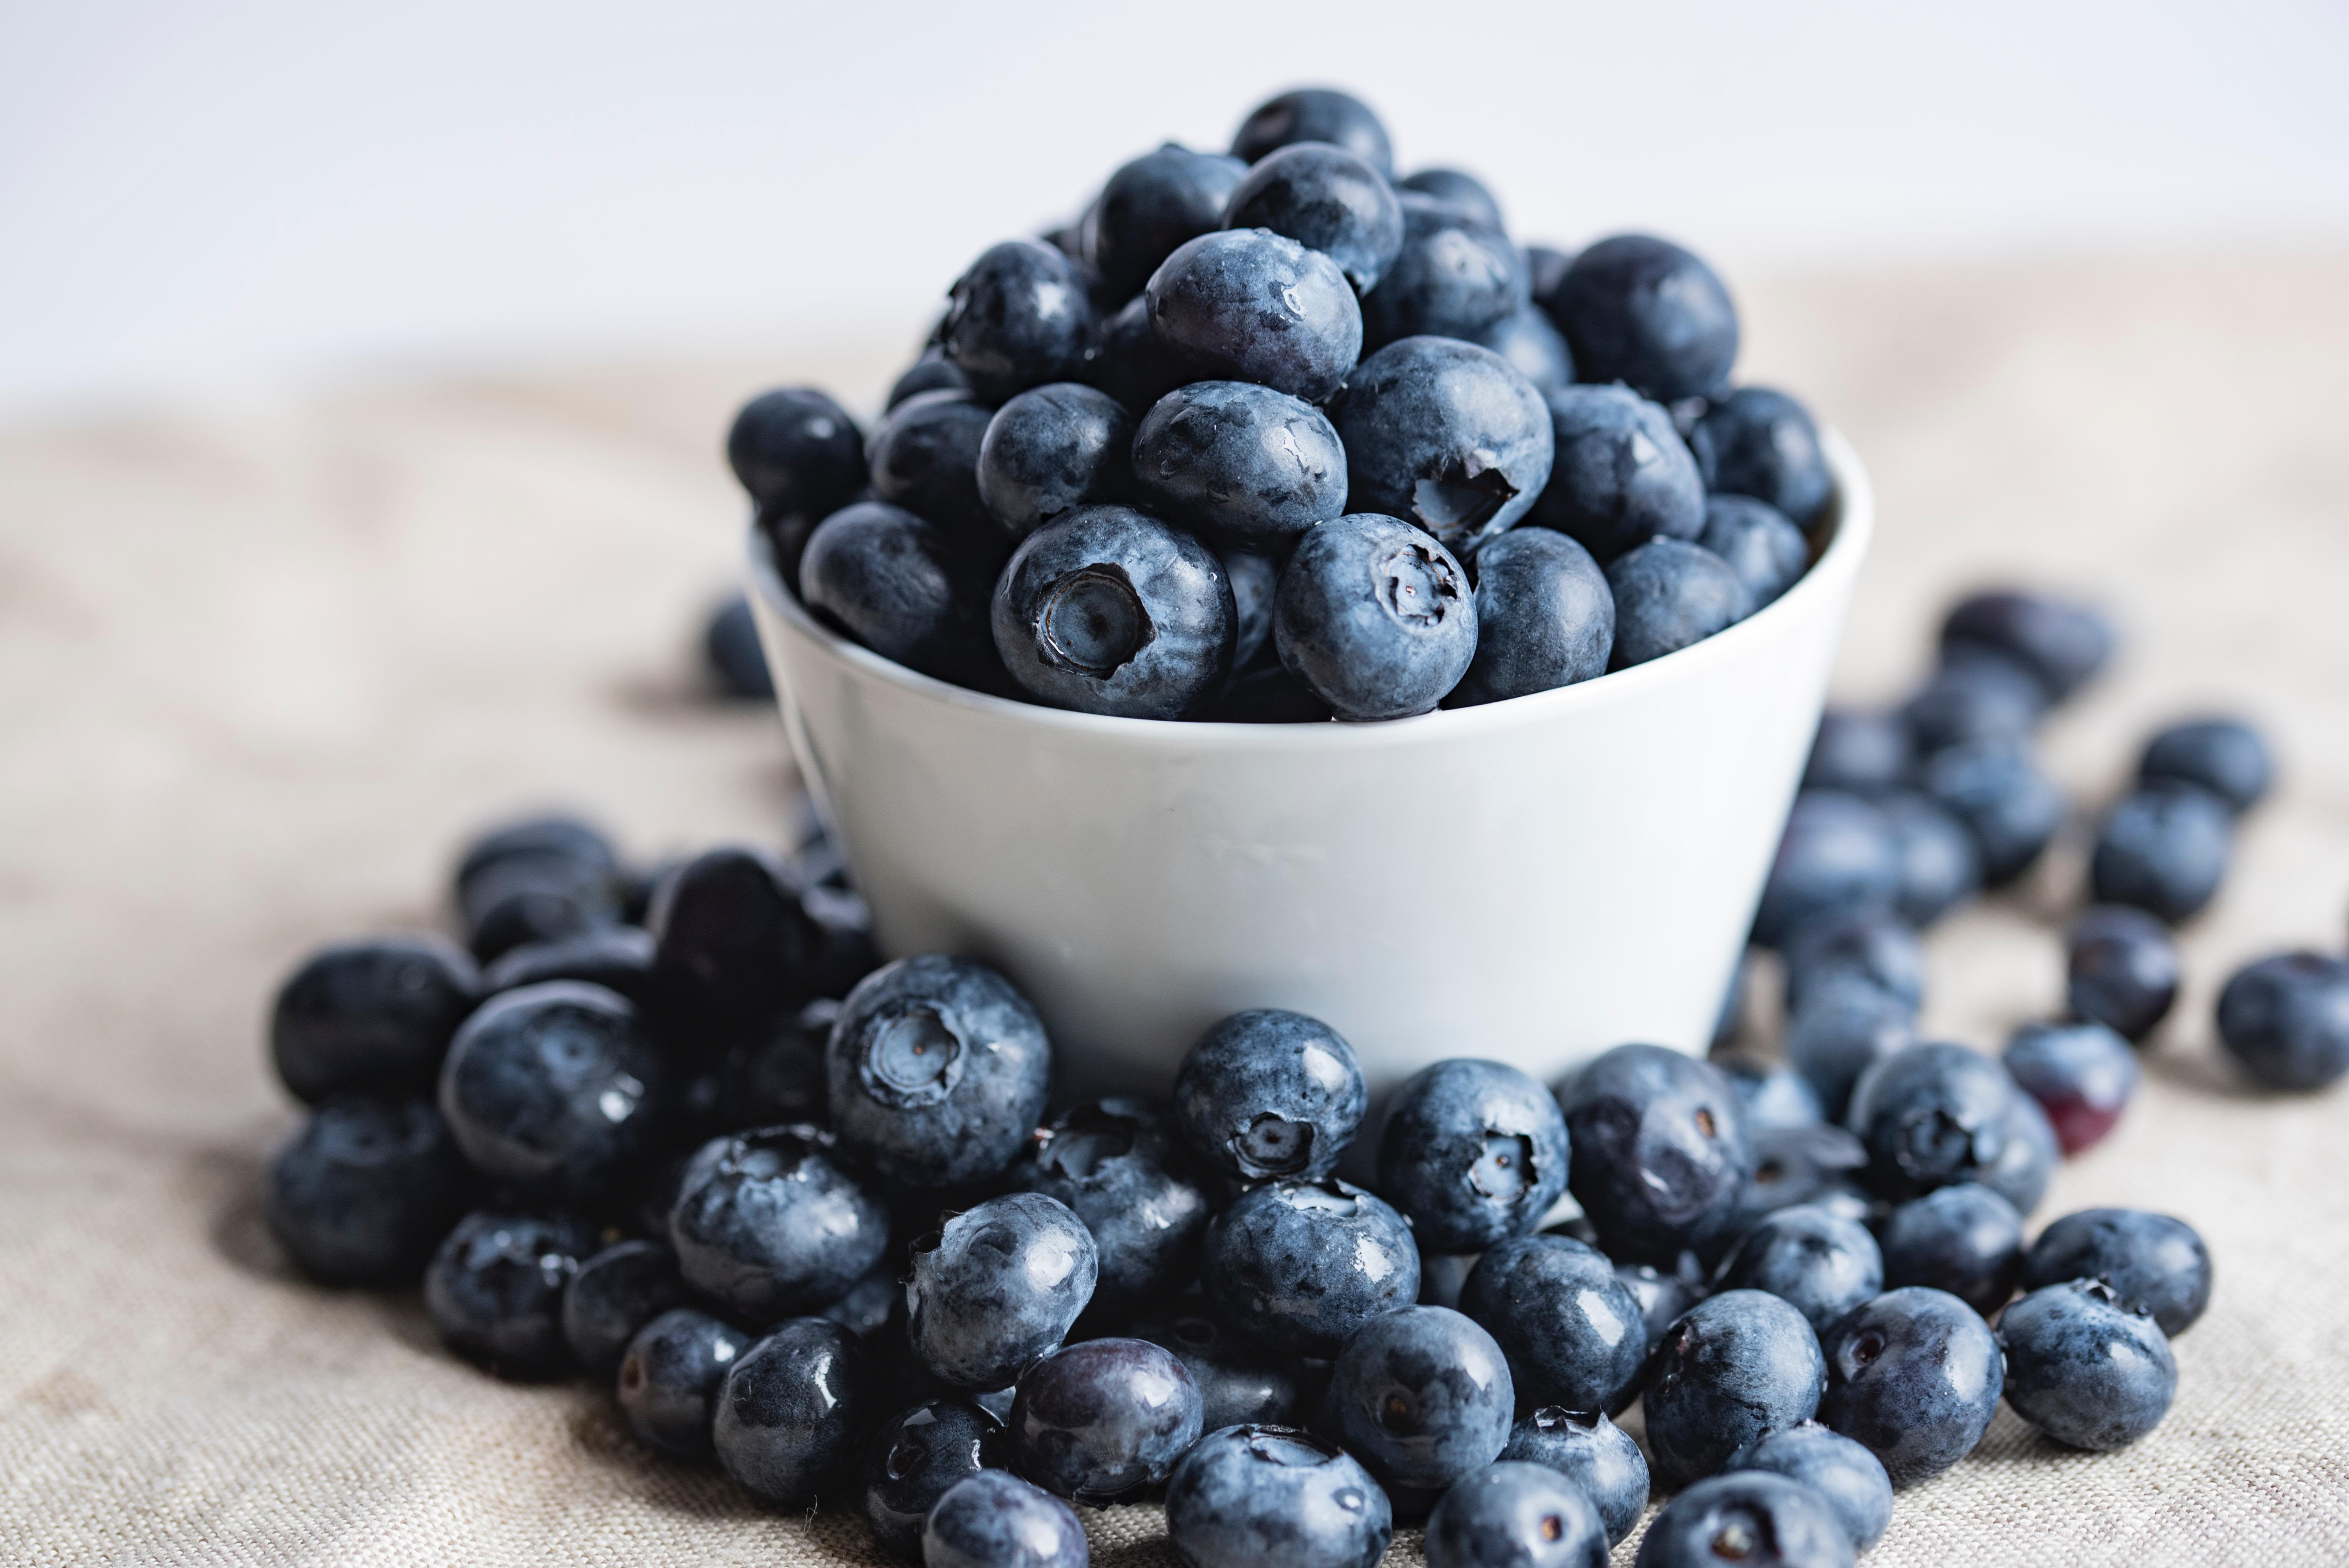 ブルーベリーの食べ方いろいろ!生や冷凍で旬の味わいを楽しむ方法紹介!